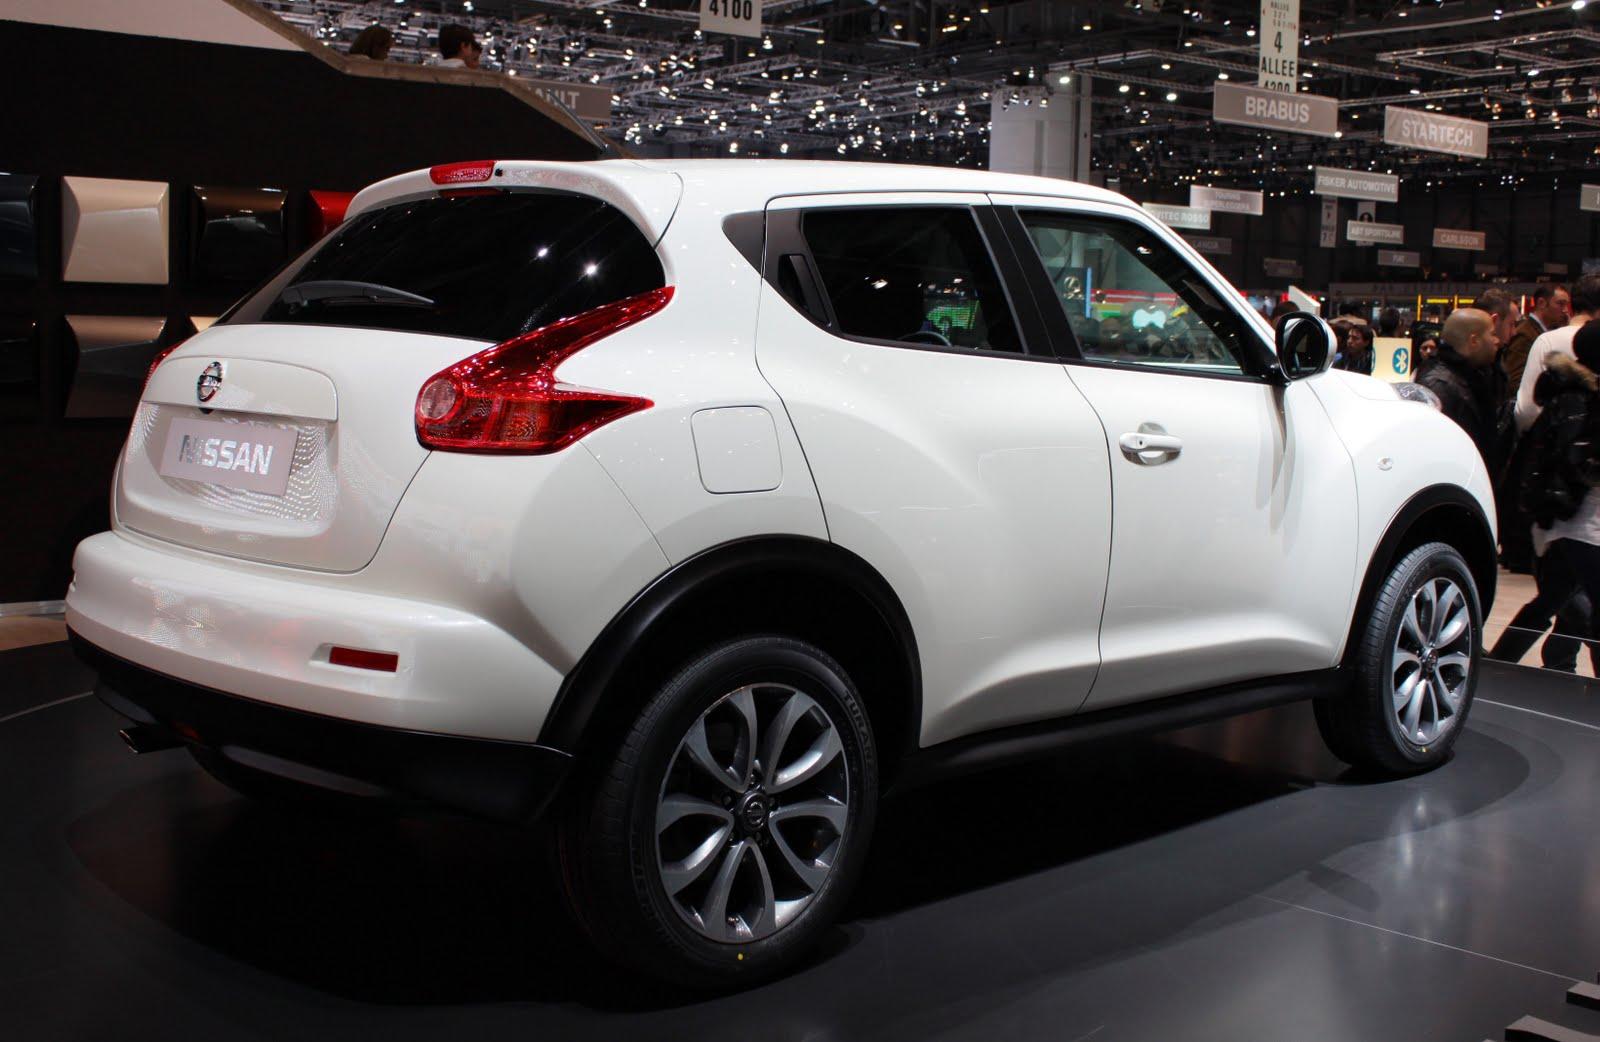 Car: Nissan Juke